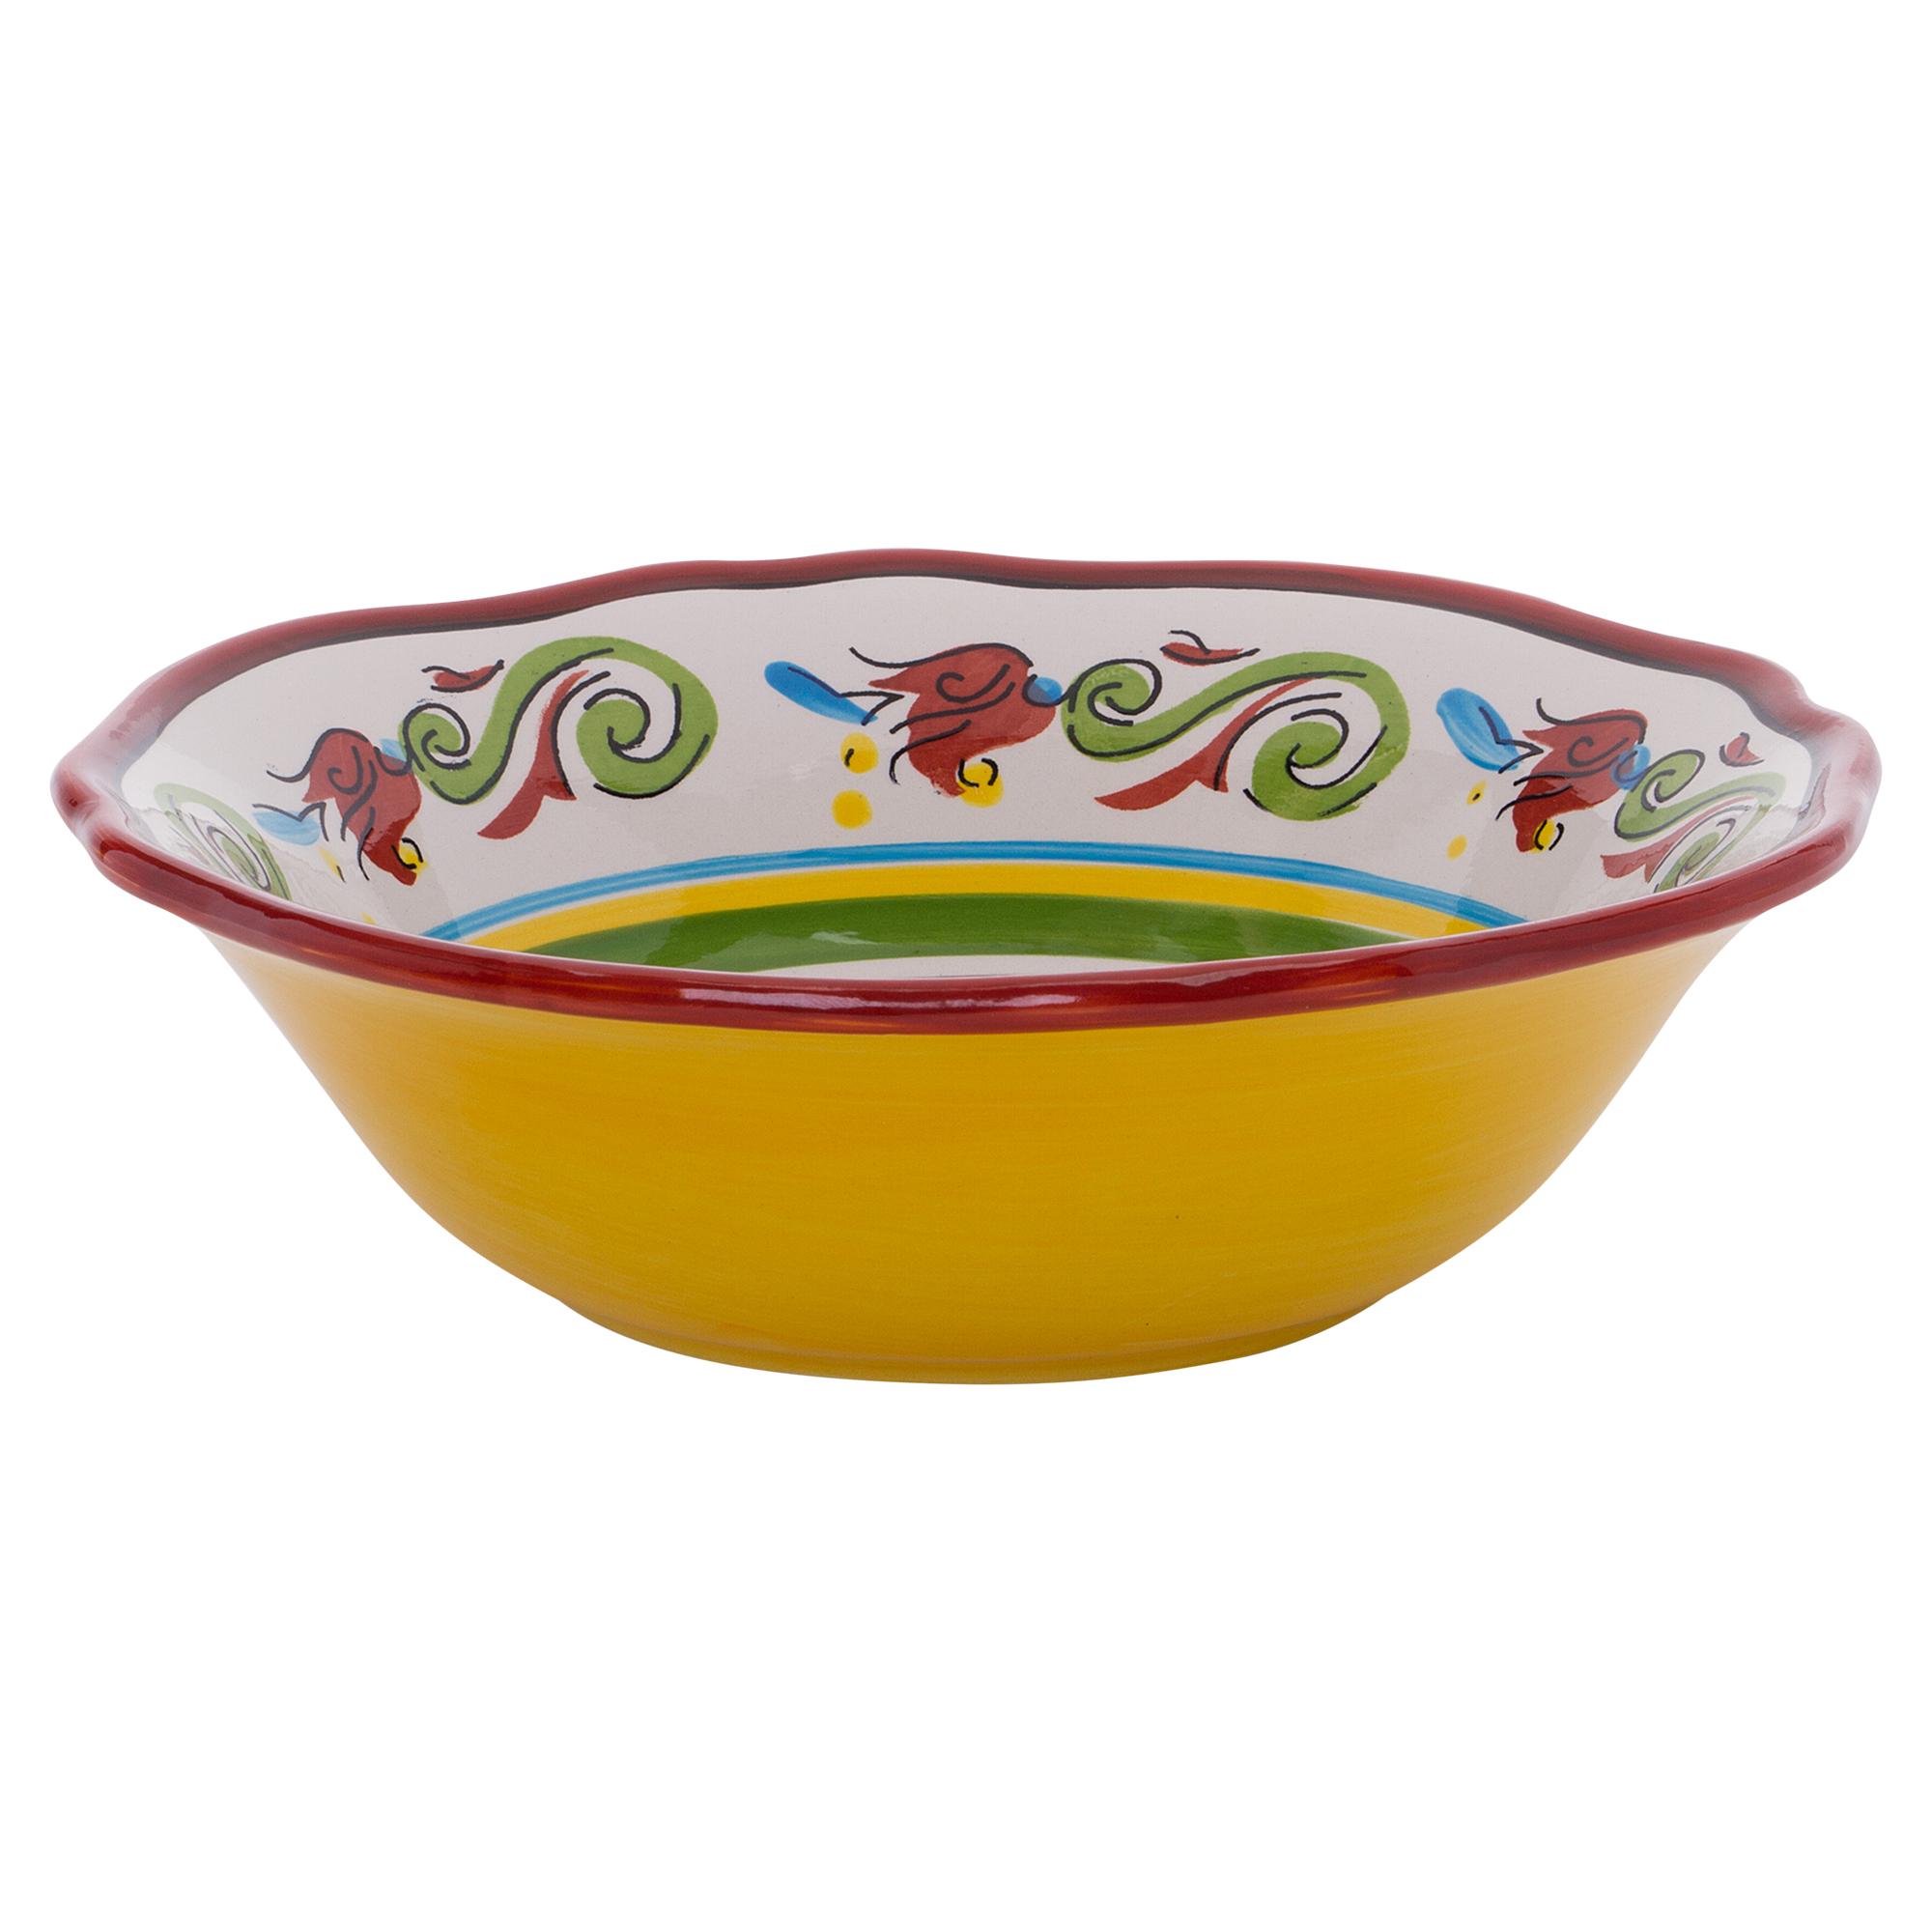 Набор обеденный «Самарканд»Набор посуды от Magia Gusto украсит каждый стол и создаст неповторимый уют. Качественный, стильный, он станет вашим любимчиком.<br>